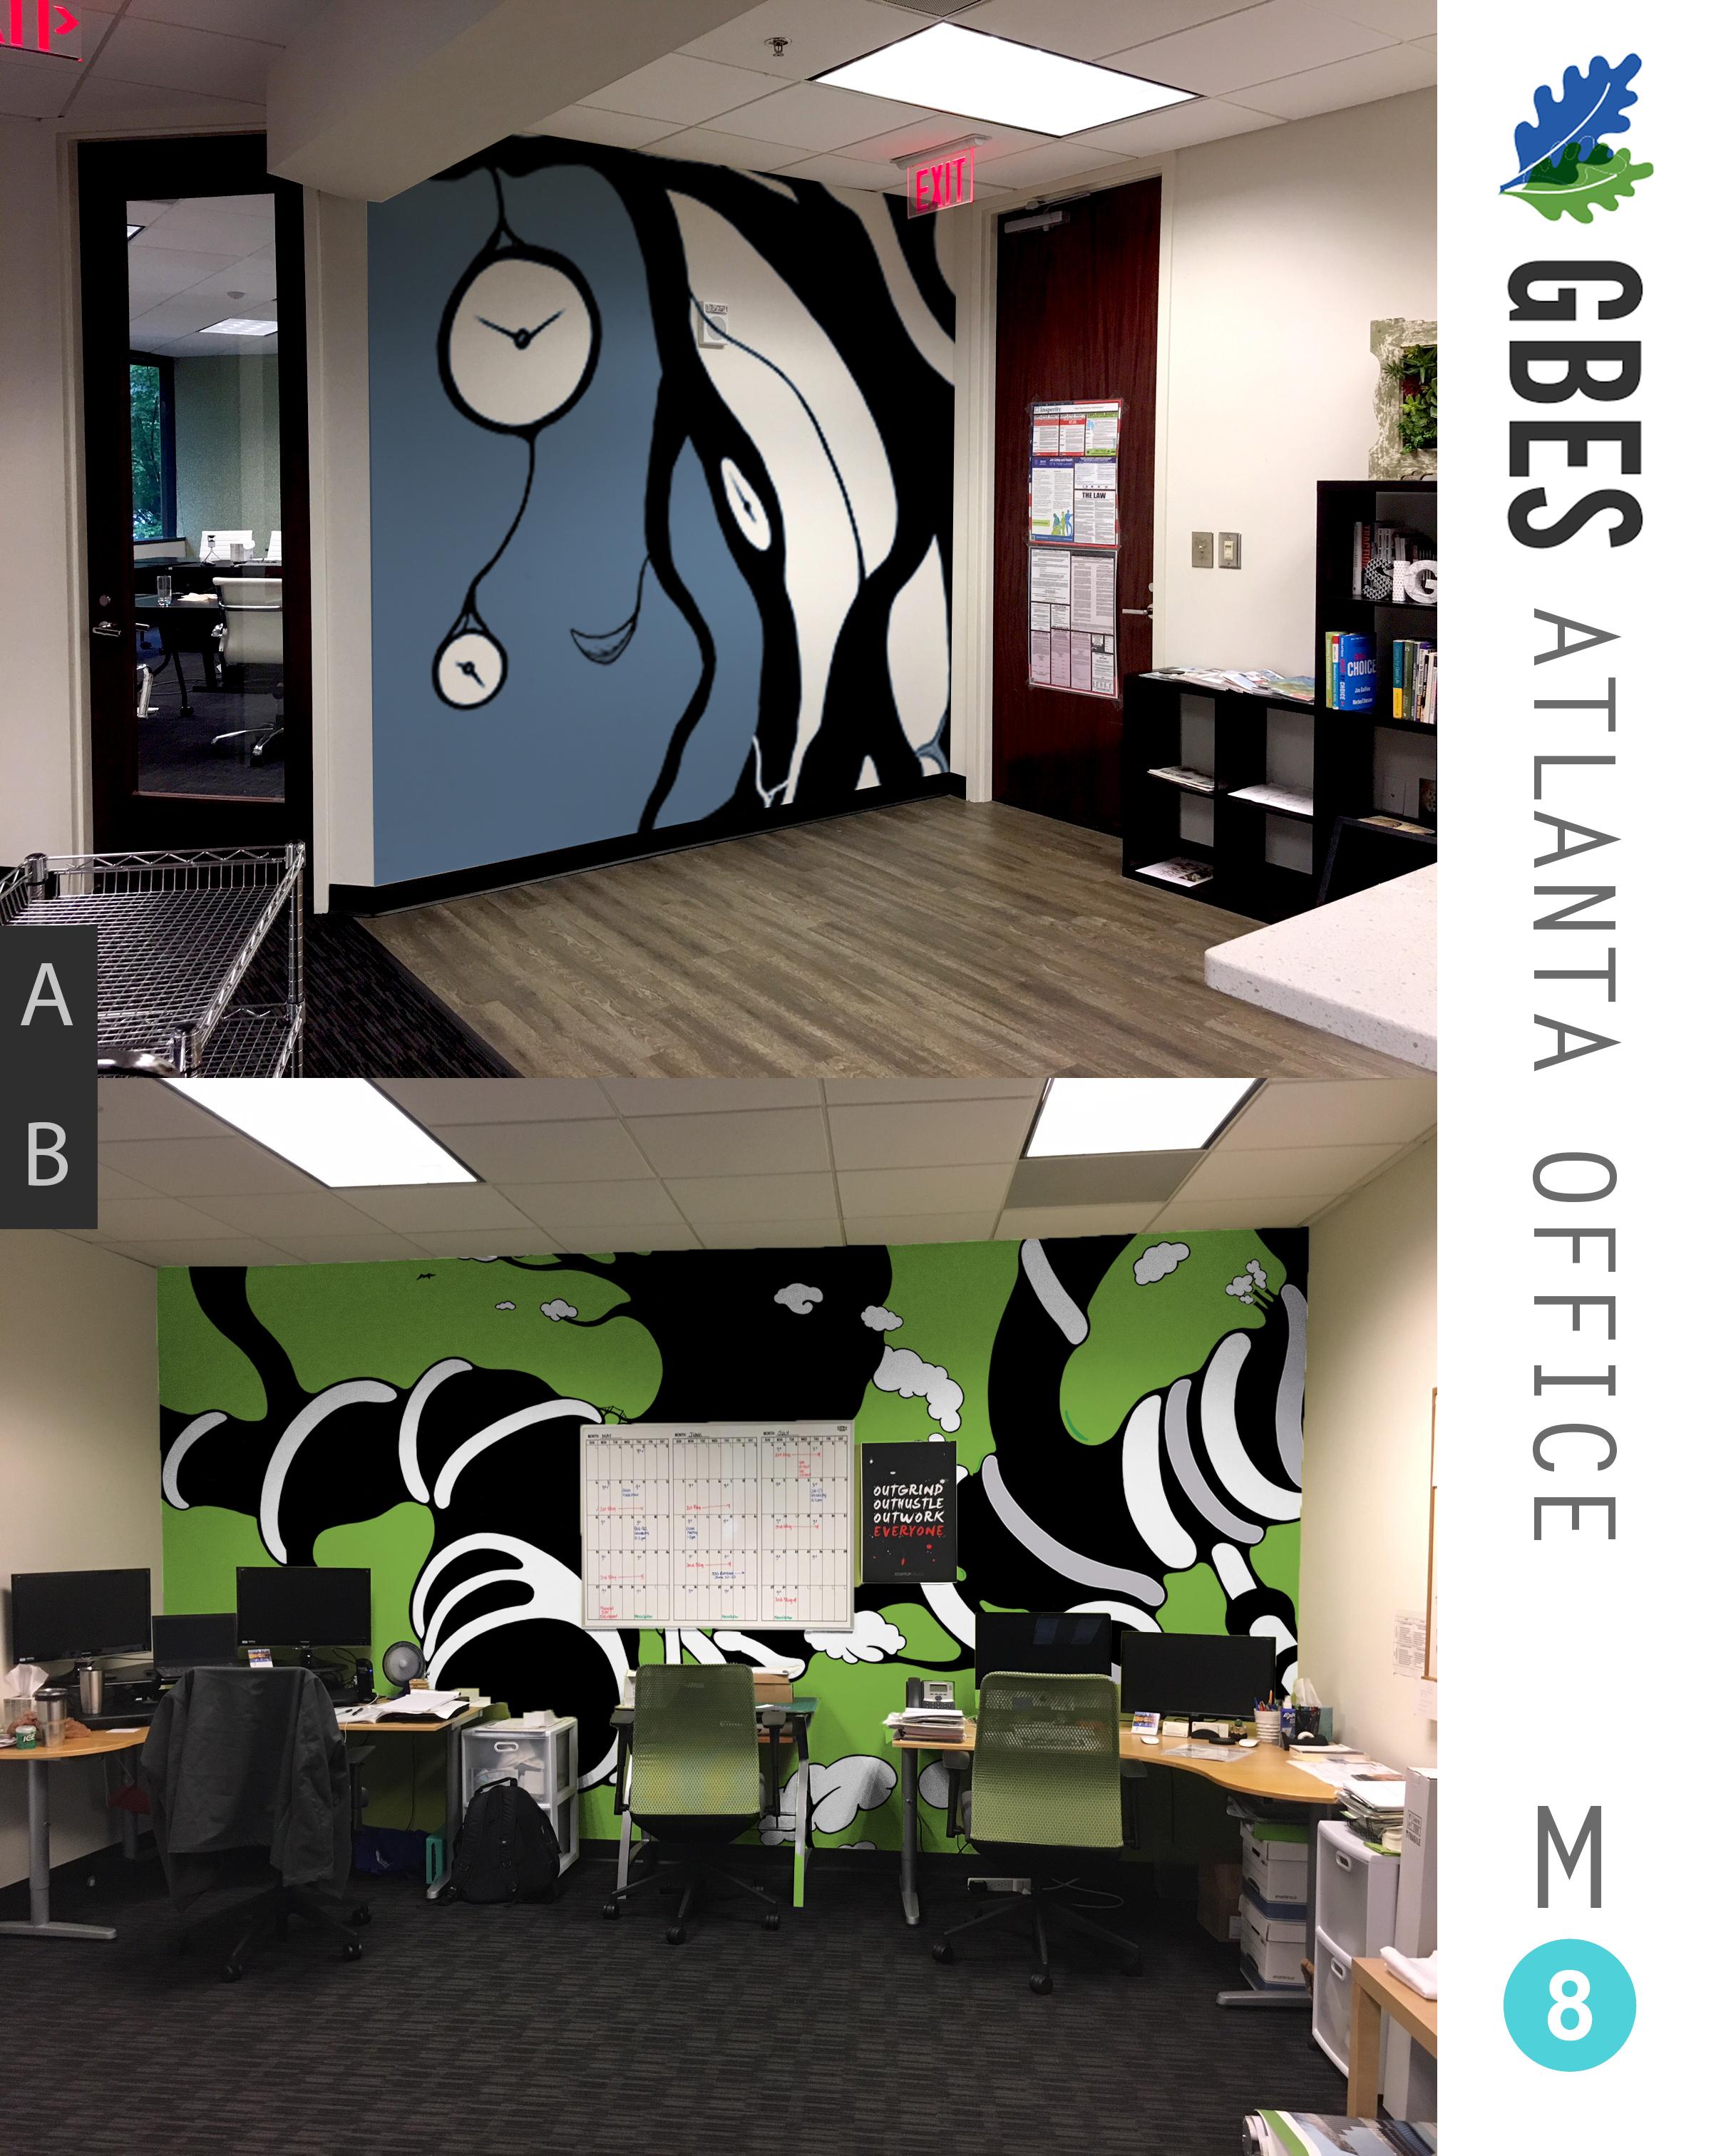 gbes-mural-mock-08